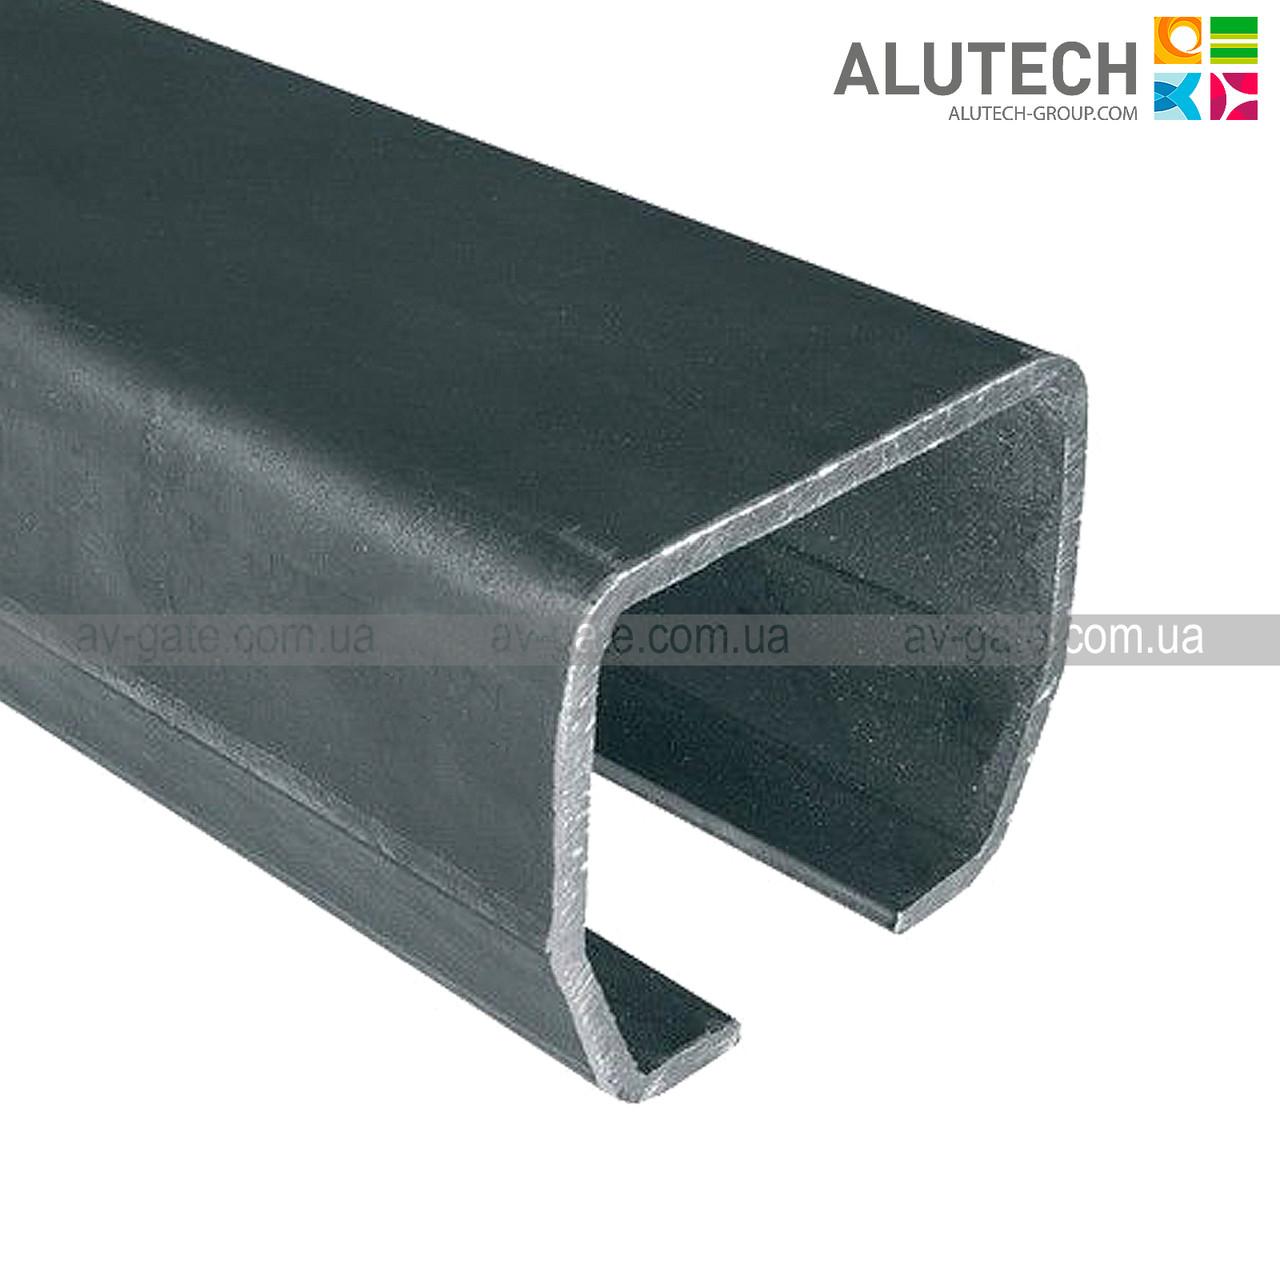 Шина направляющая Alutech SG.02.002.A (длина 1 м)